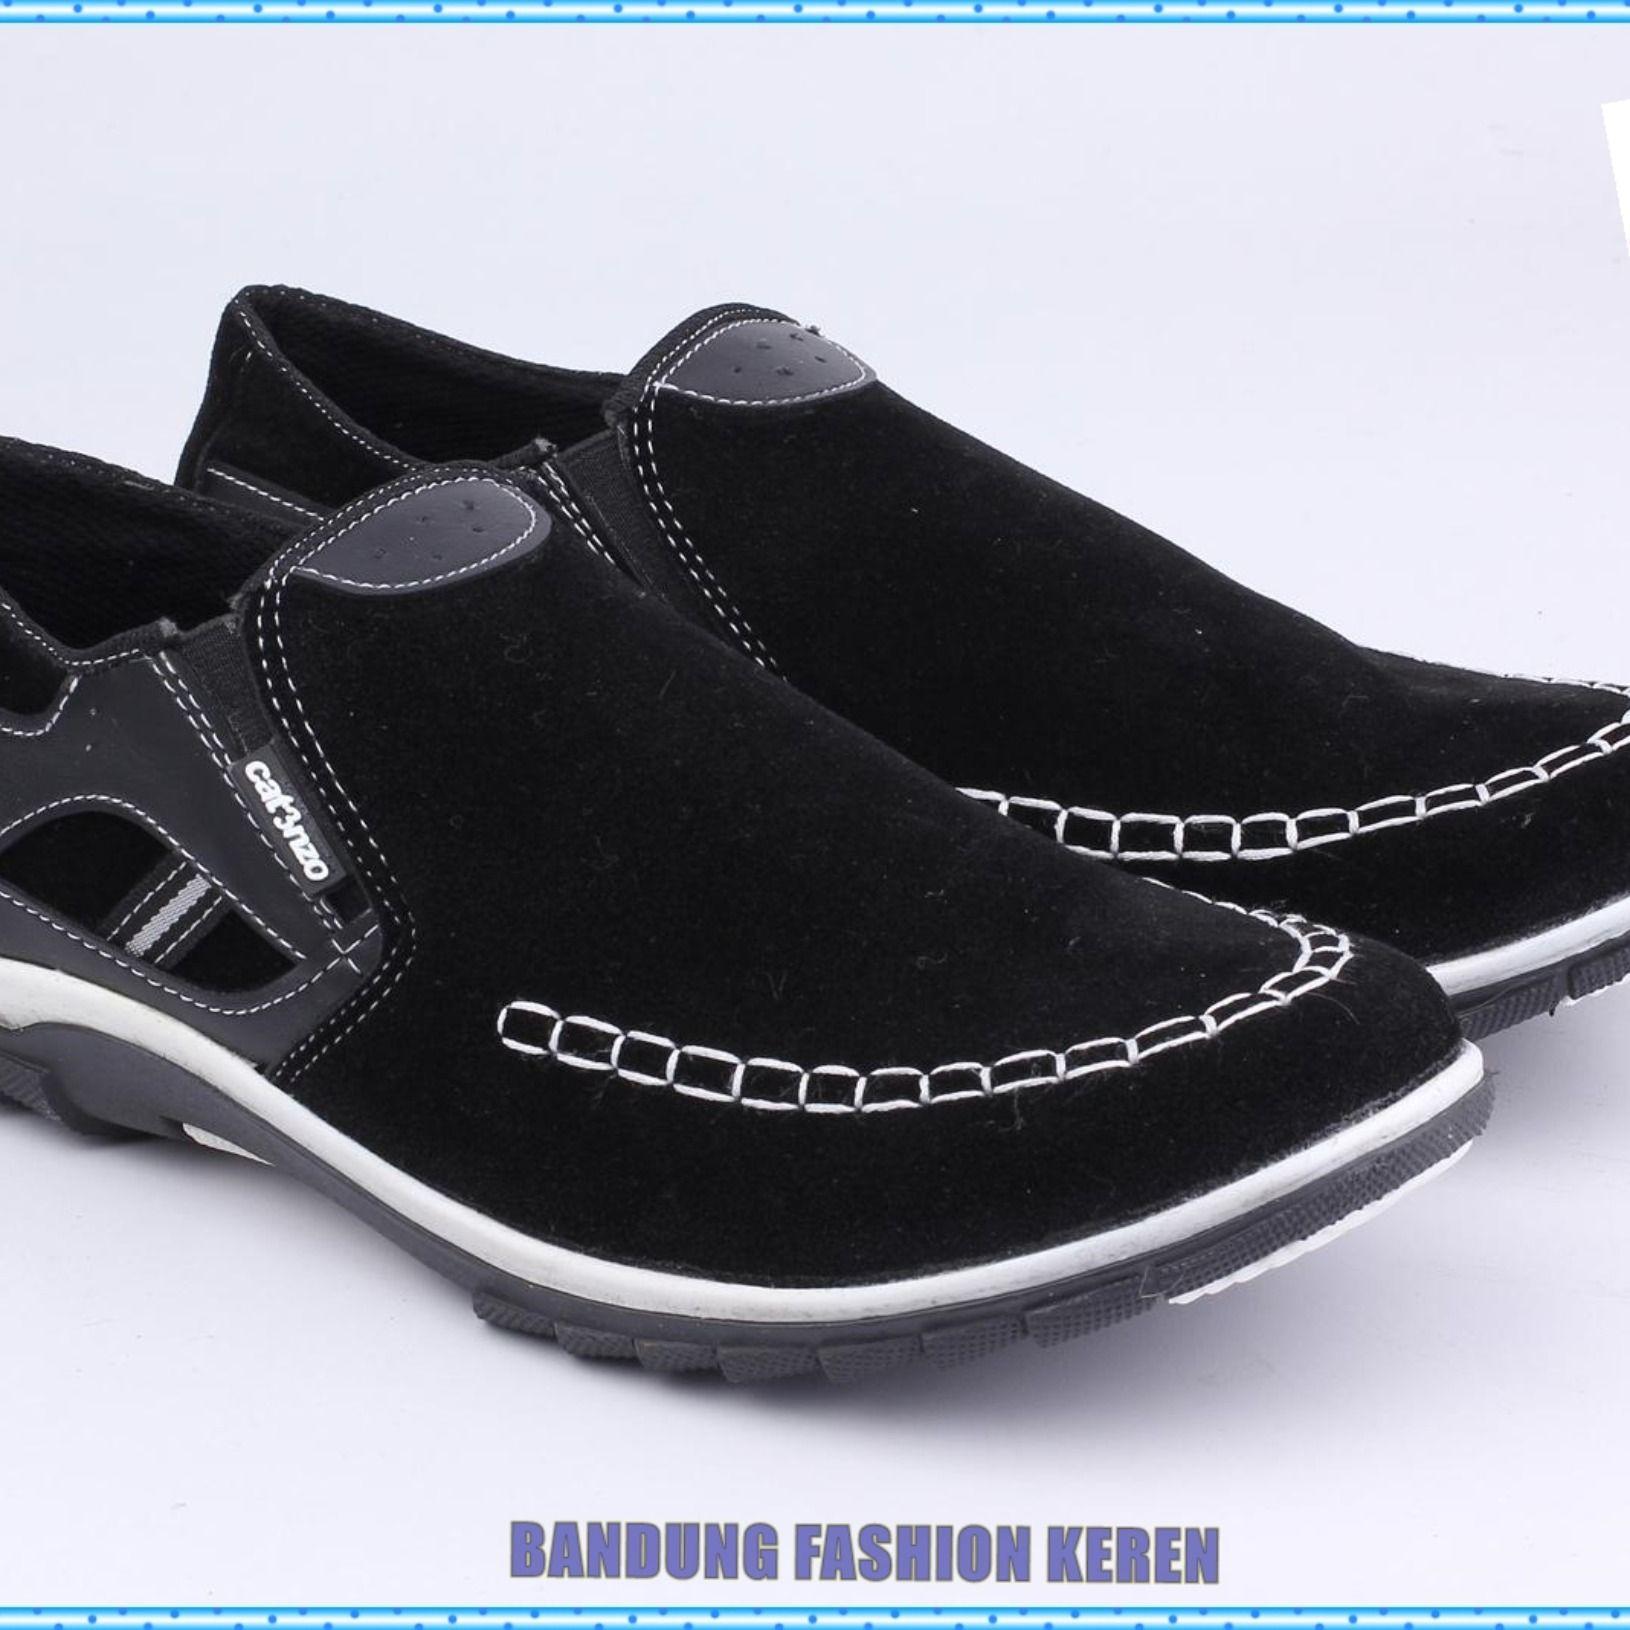 Sepatu Casual Pria At 086 Produk Fashion Handmade Terbaik 100